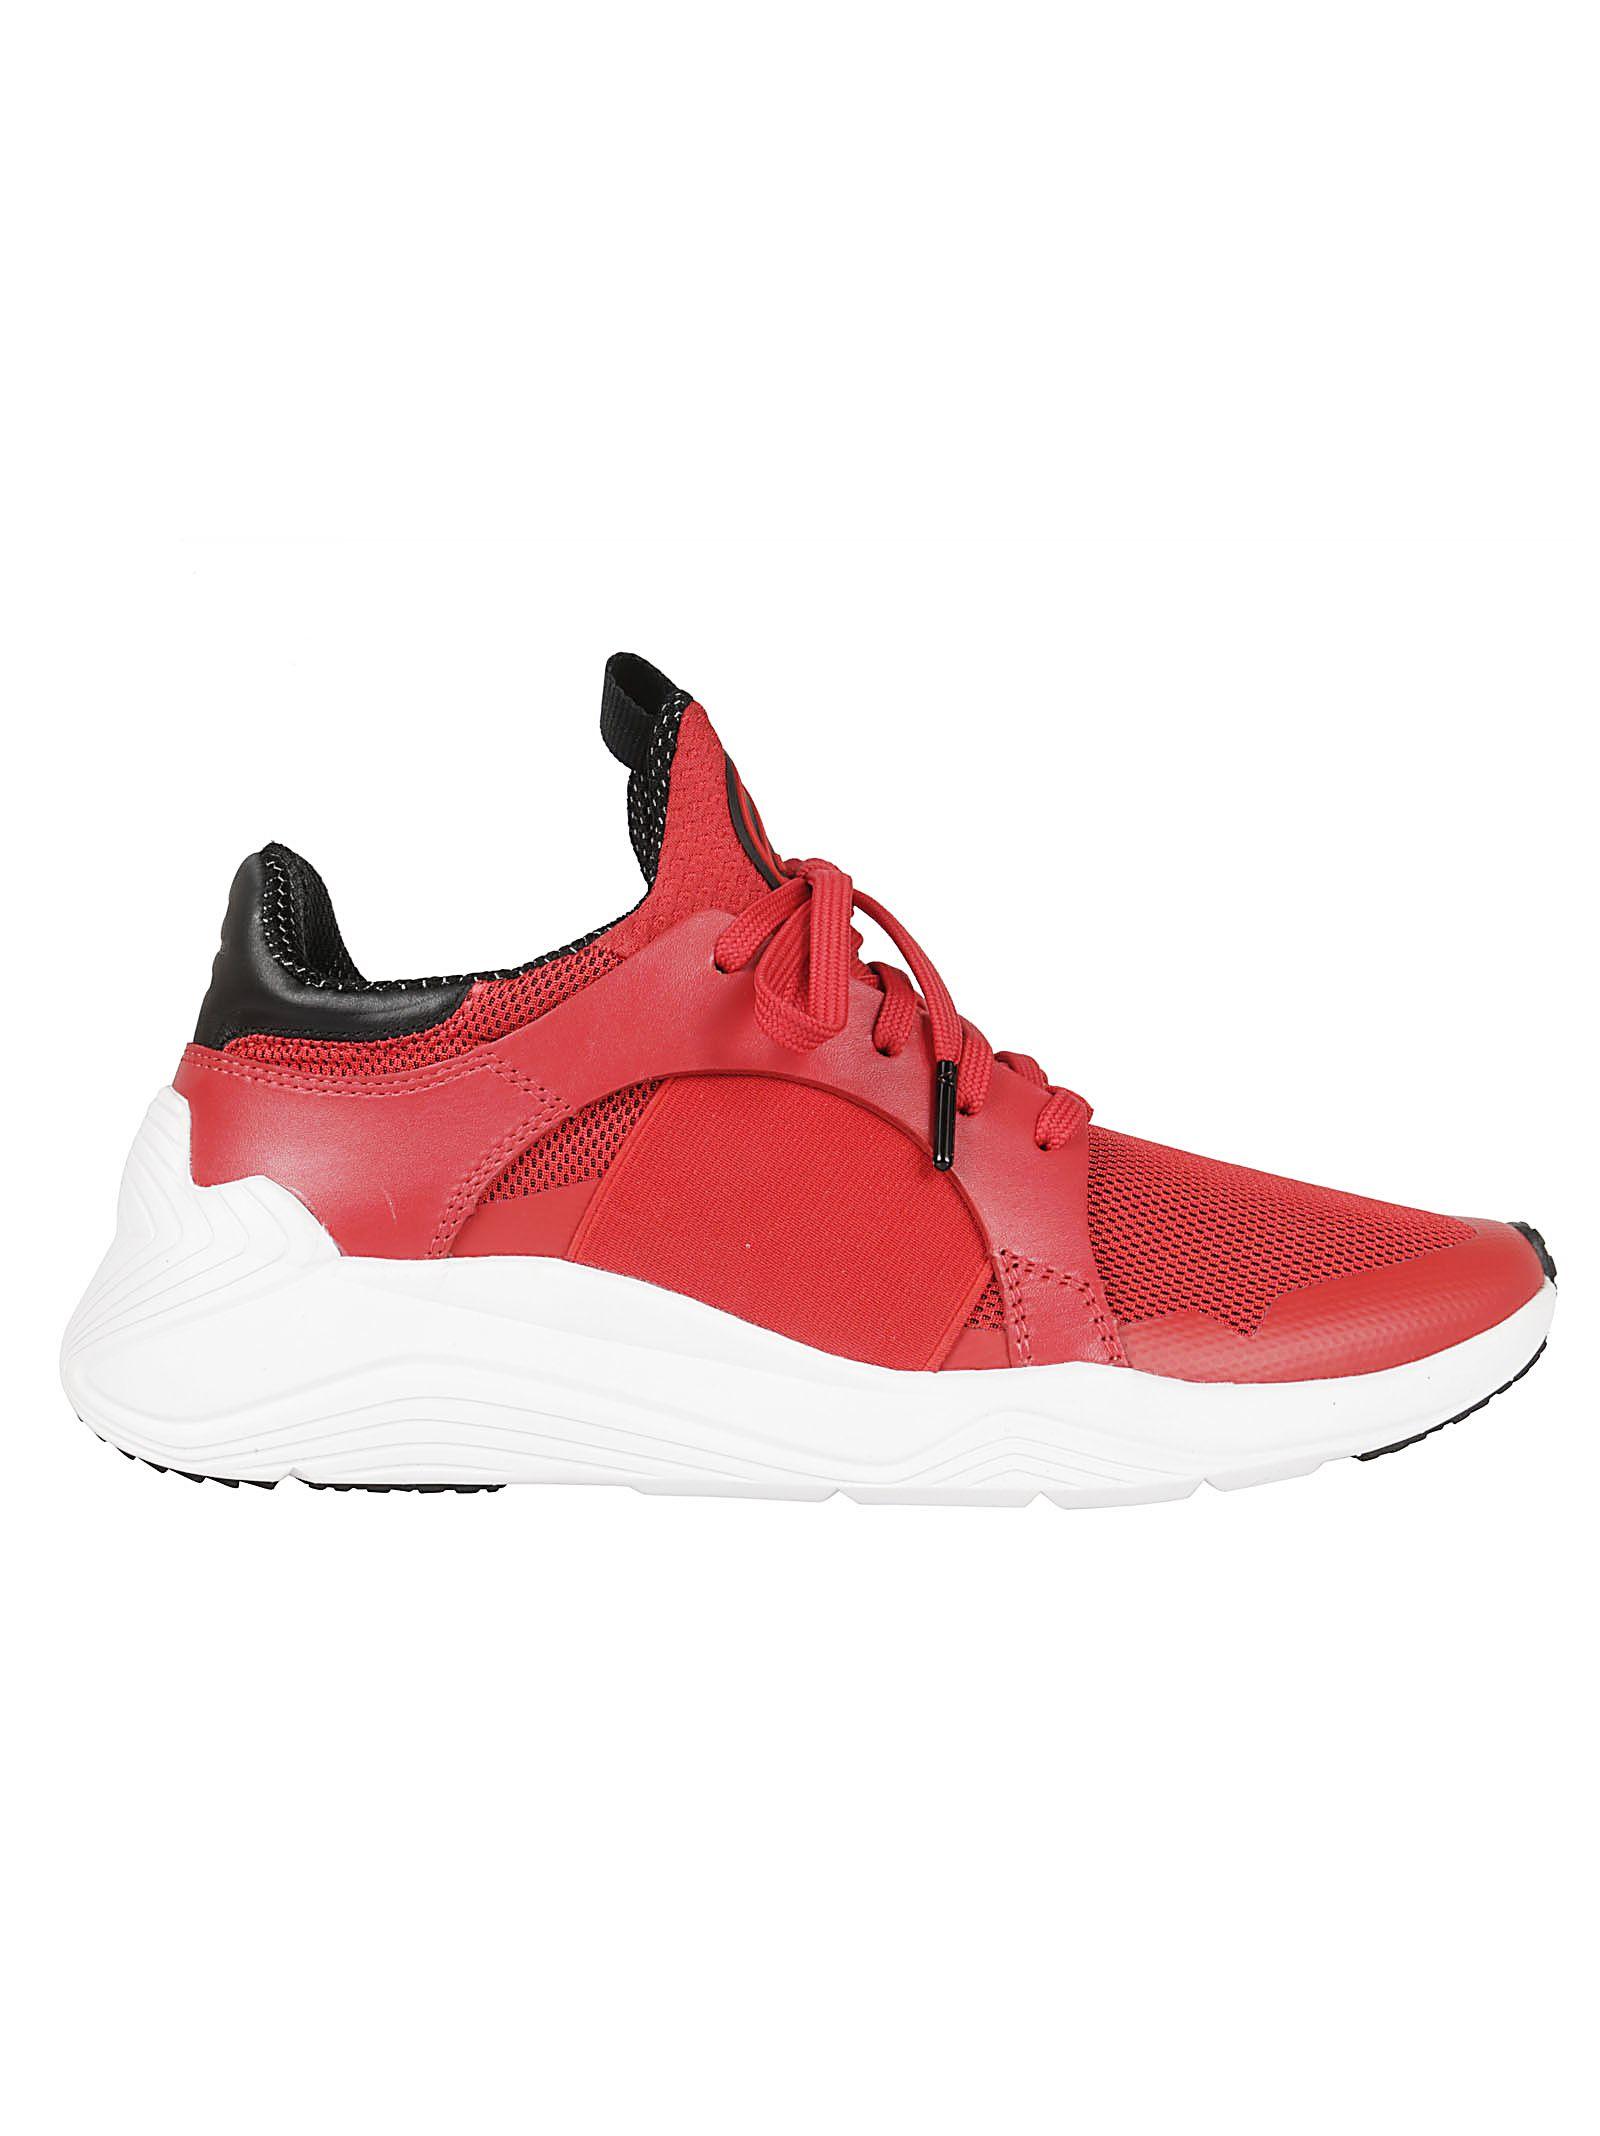 McQ Alexander McQueen Alexander Ueen Gishiki Low Sneakers